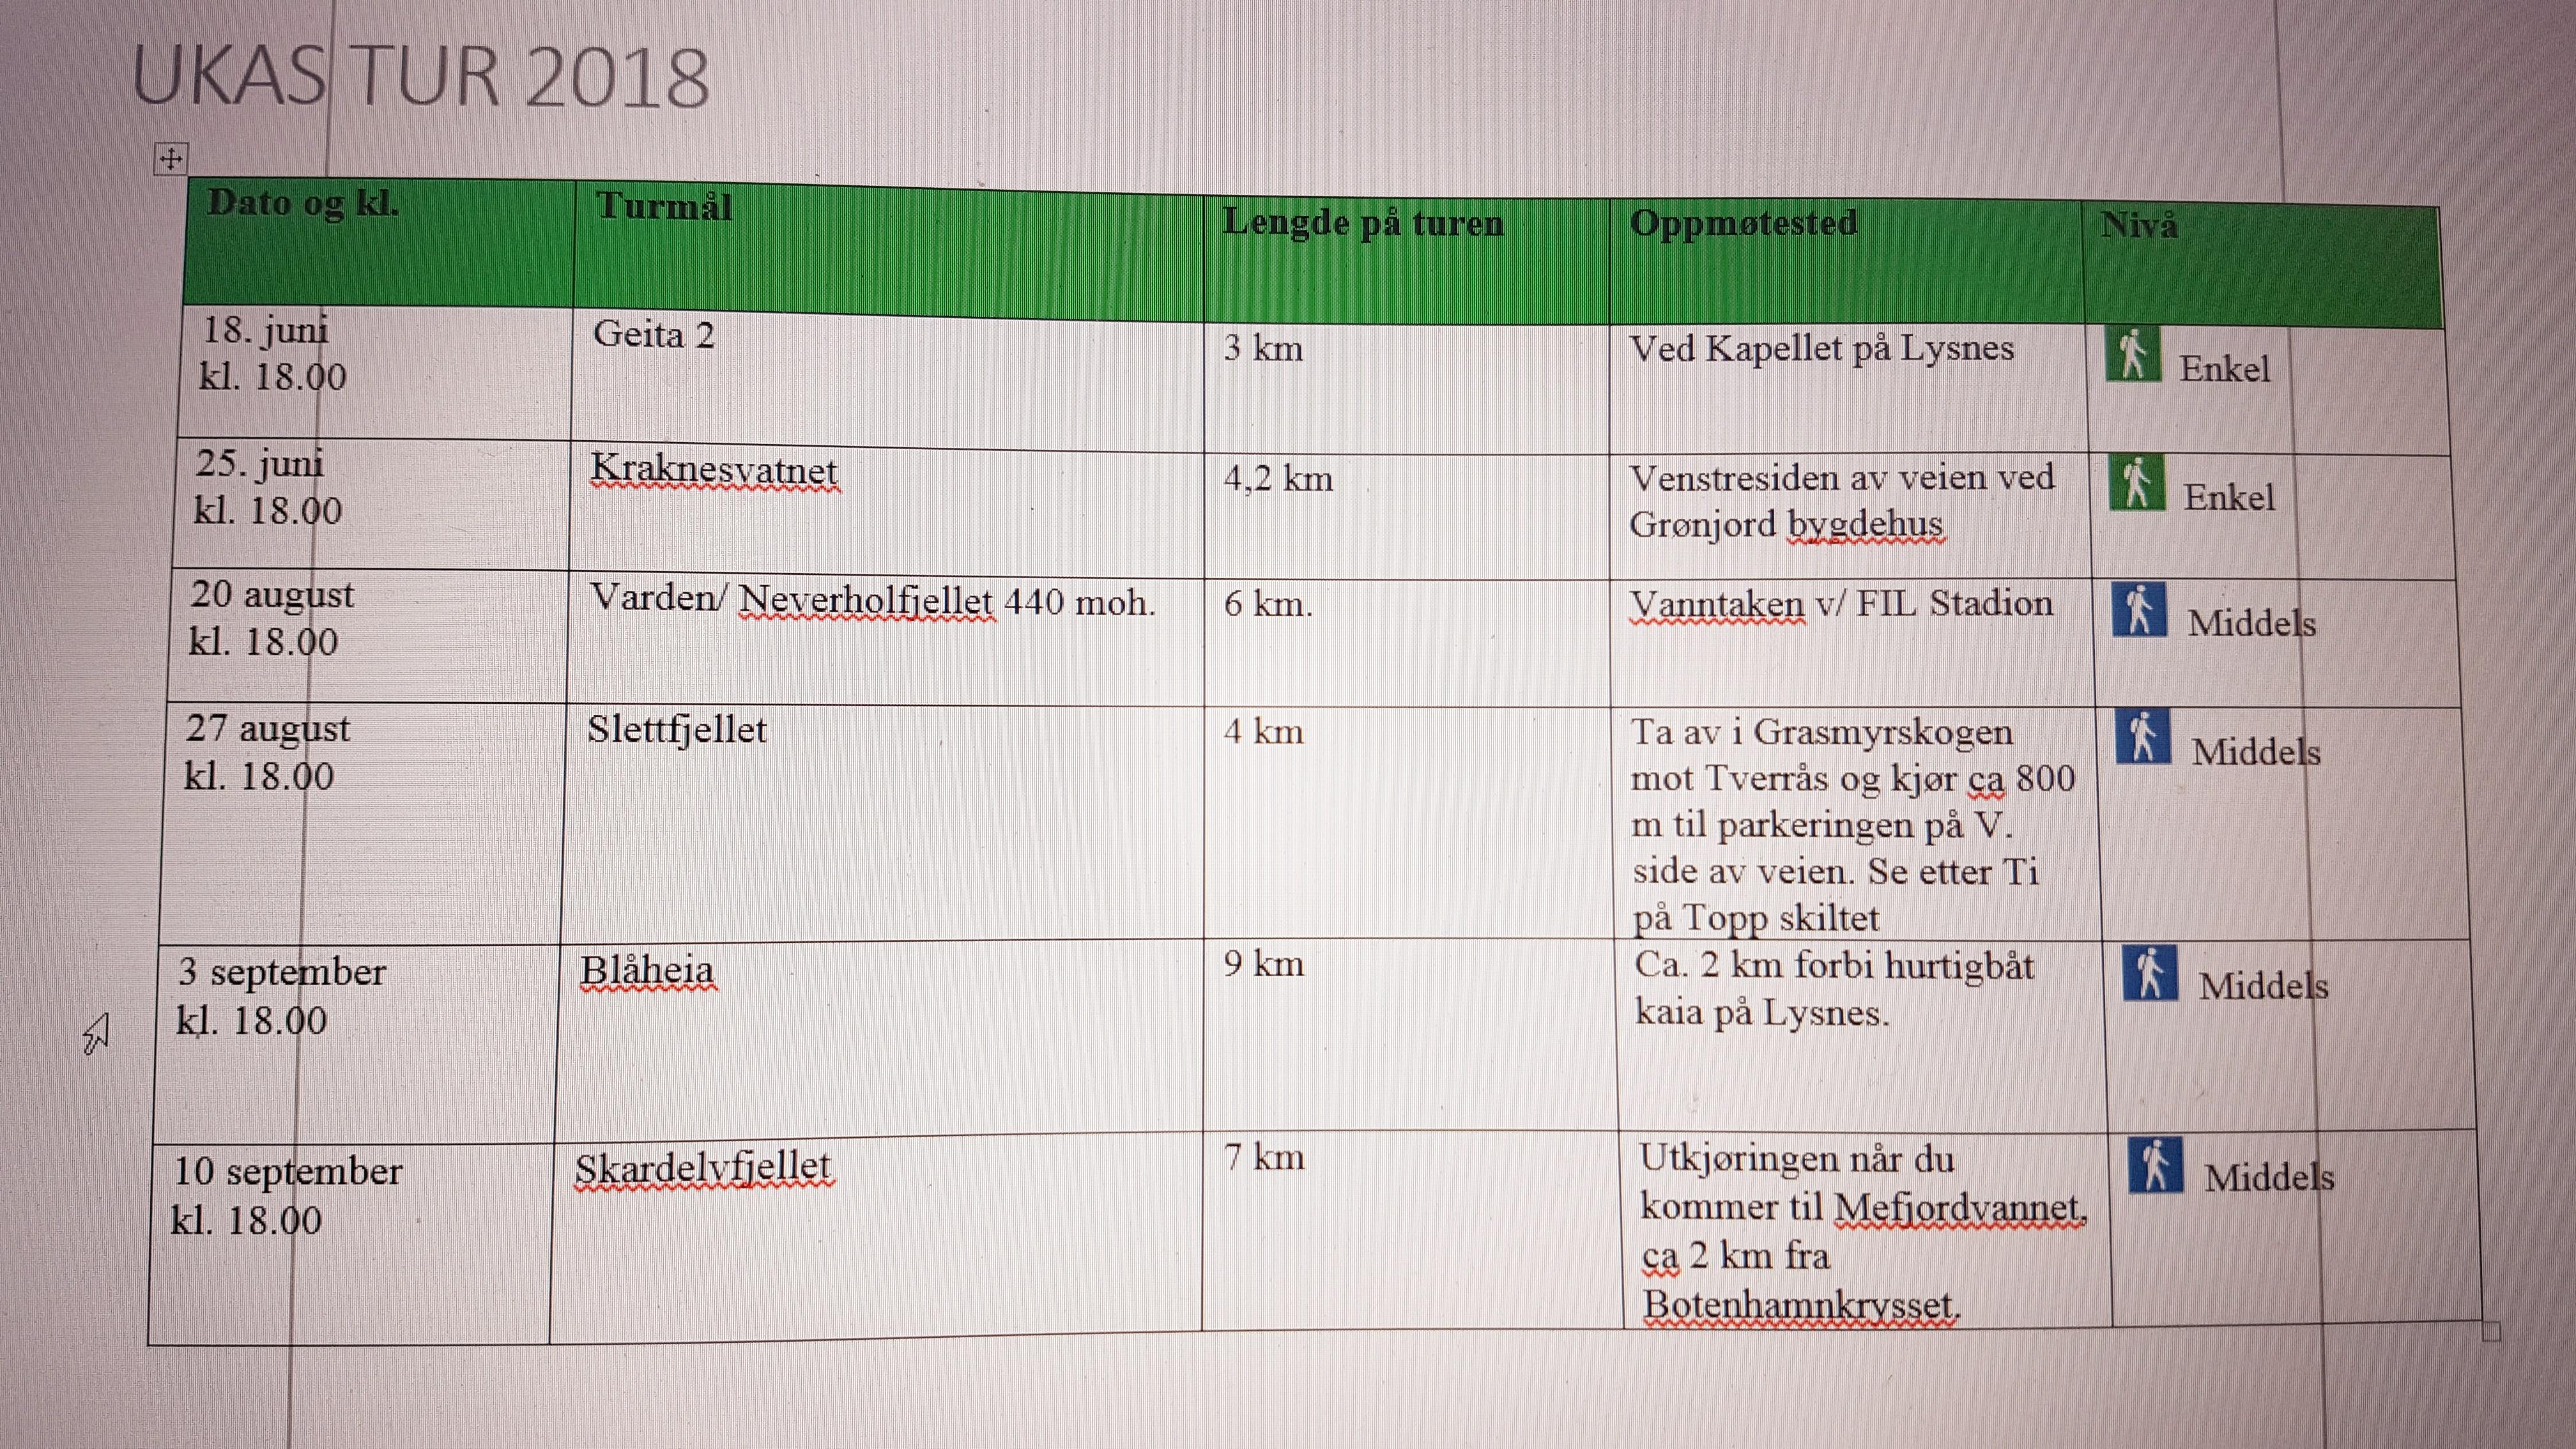 UKAS tur 2018